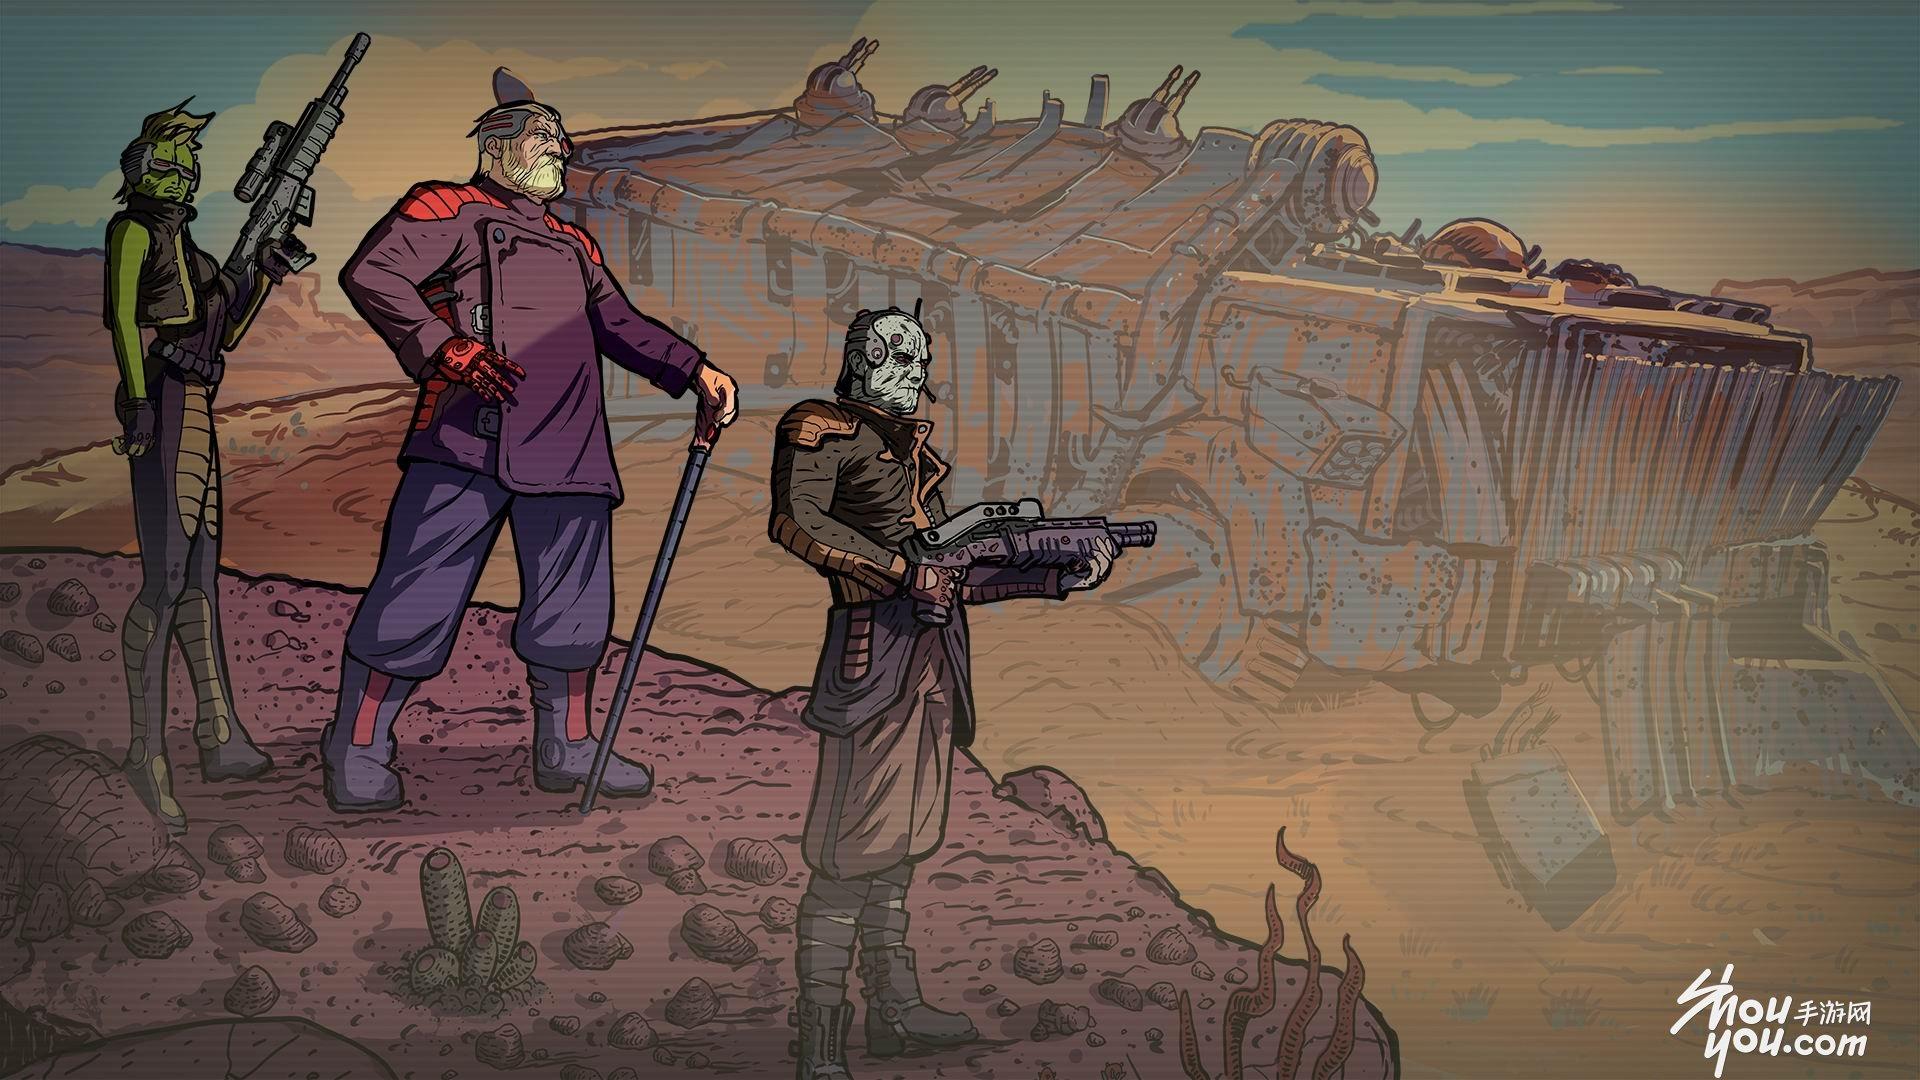 国外游戏开发商Skyshine在今年的E3游戏展期间公布了旗下回合制策略RPG新作《混乱疯人院》(Bedlam)的相关消息,并宣布游戏将在今年晚些时候登陆PC平台,近日该作又传来了将登陆iOS平台的好消息,一起先通过视频来了解下。  Skyshine Games是一个一支由三人组成的小团队,但游戏的第一印象却大作范儿十足,游戏拥有细腻的画风,恰如其分的营造末日之感,游戏的灵感来自《FTL》和《XCOM》,玩家将身处在一个大灾变后的世界,将要离开超大城市拜占廷,并且通过混乱疯人院才能达到阿兹特克市,游戏世界